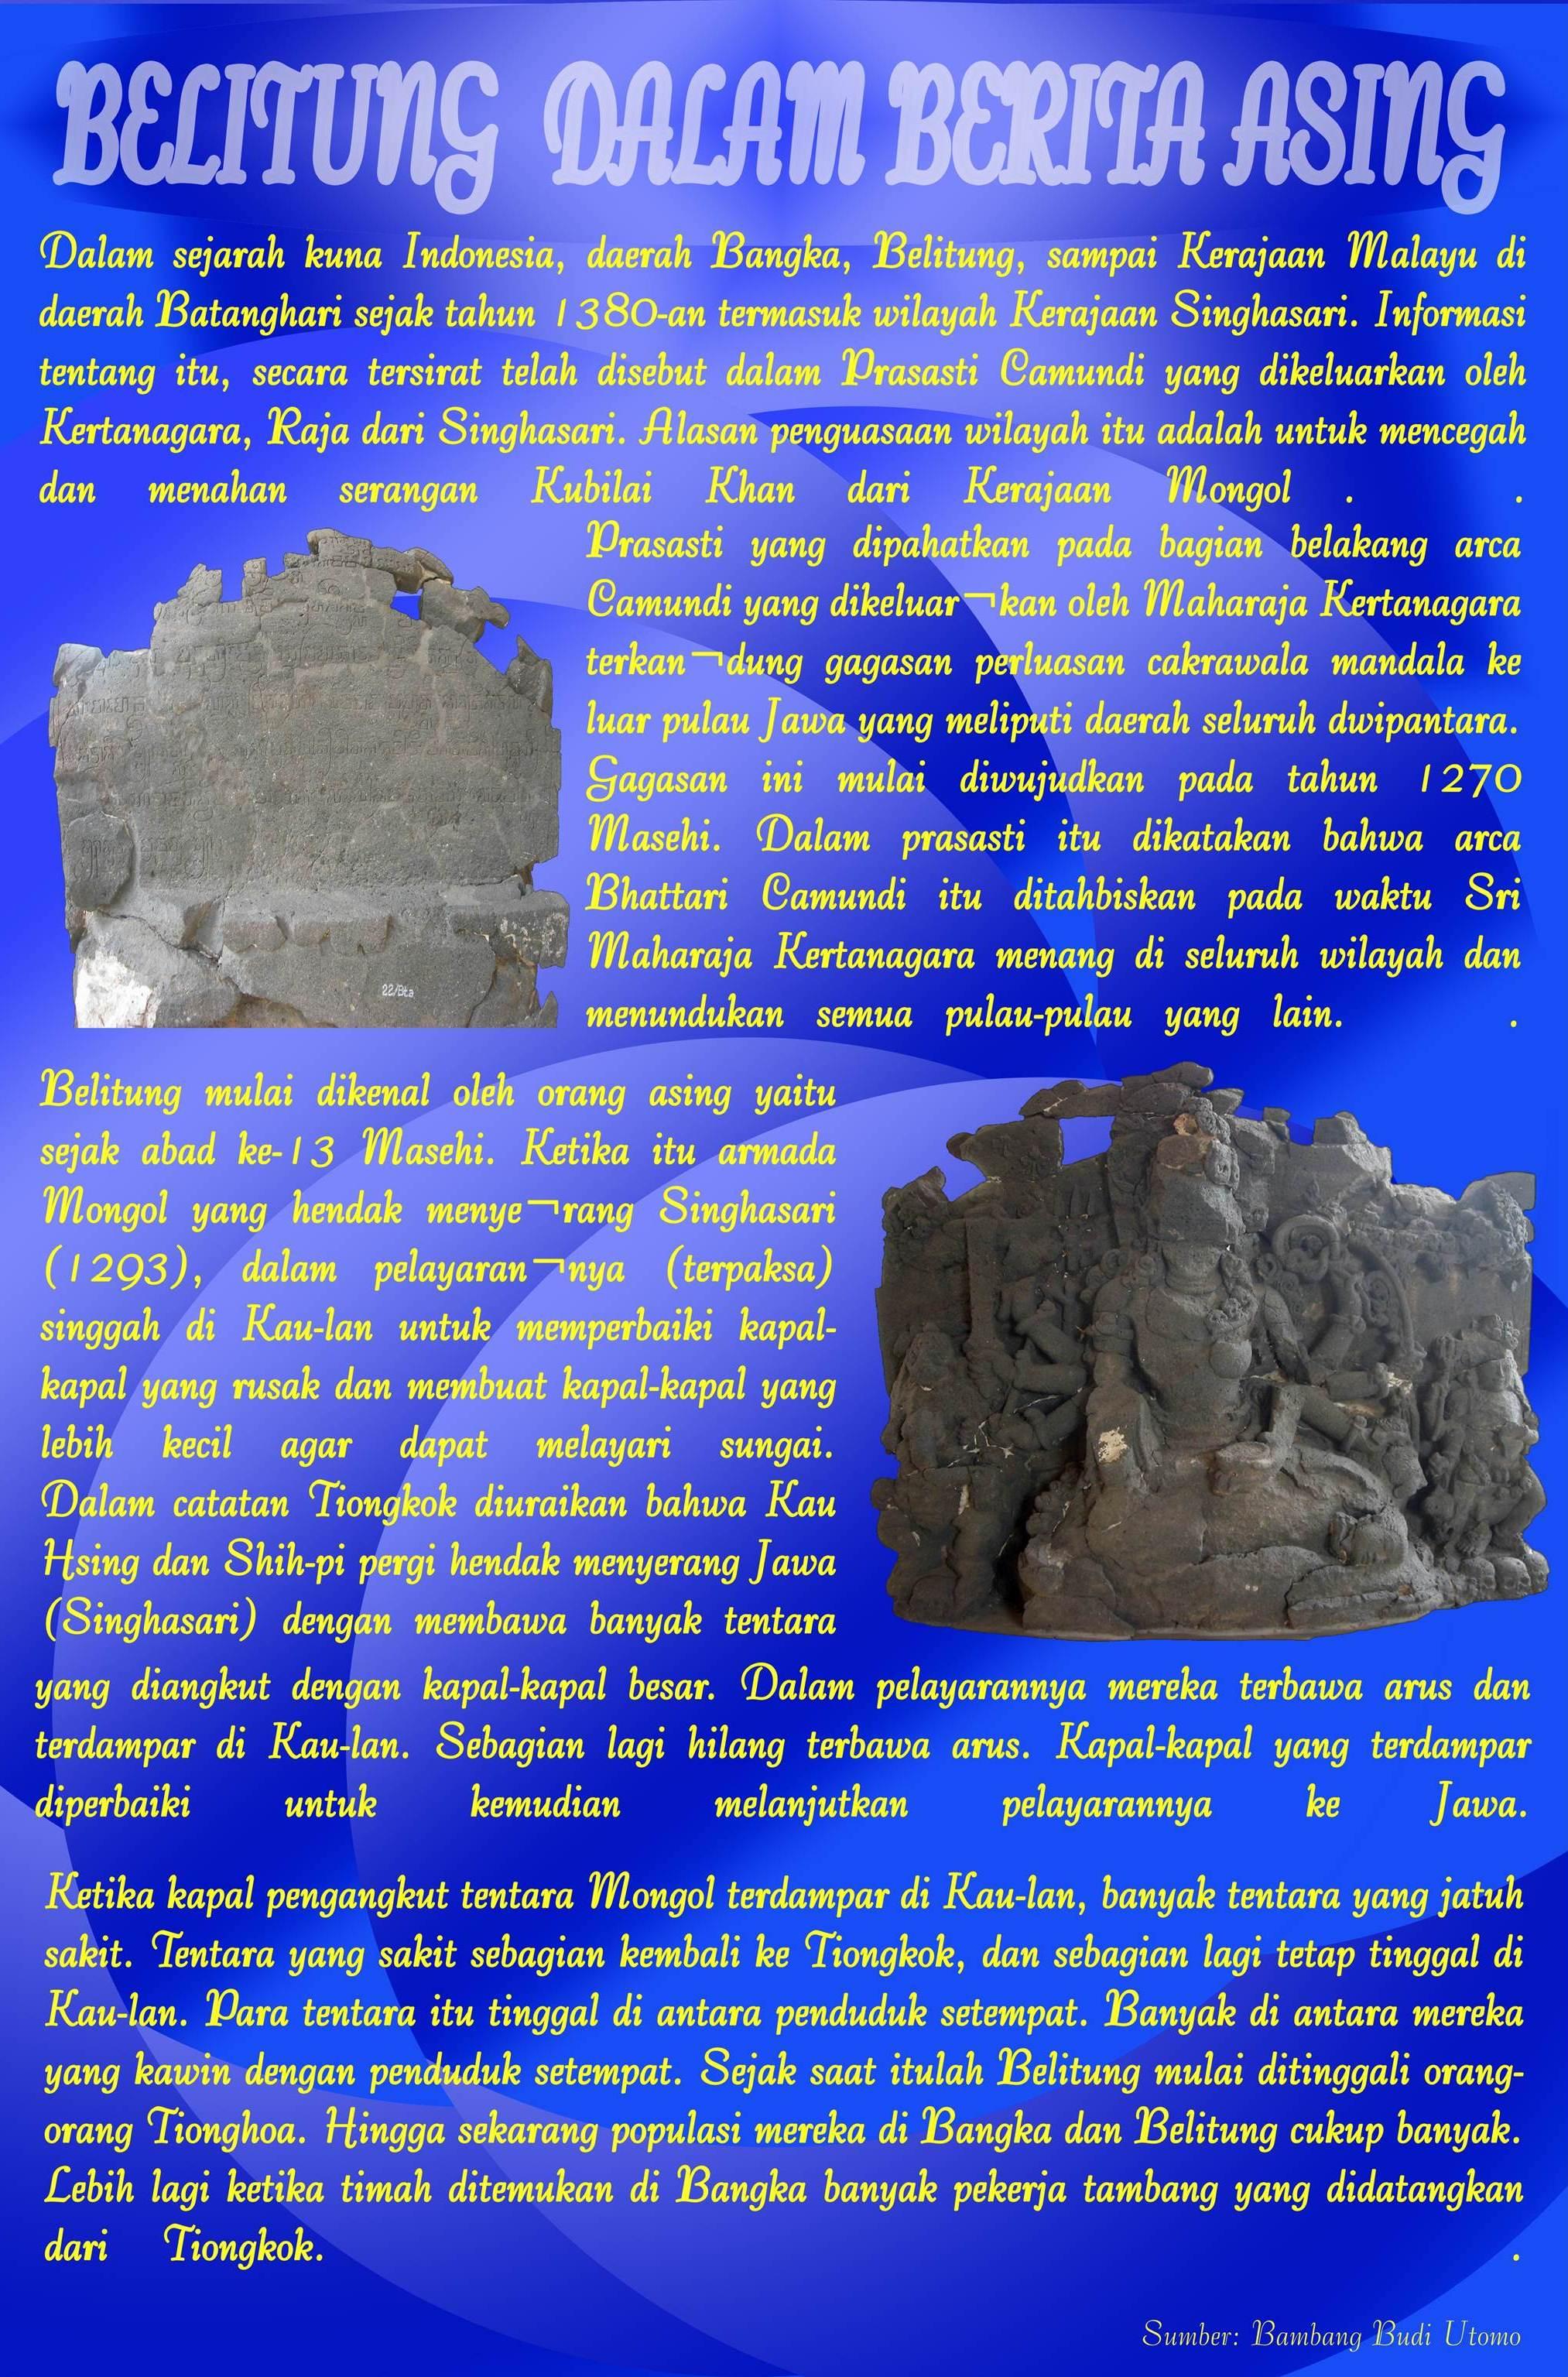 Belitung dalam berita asing